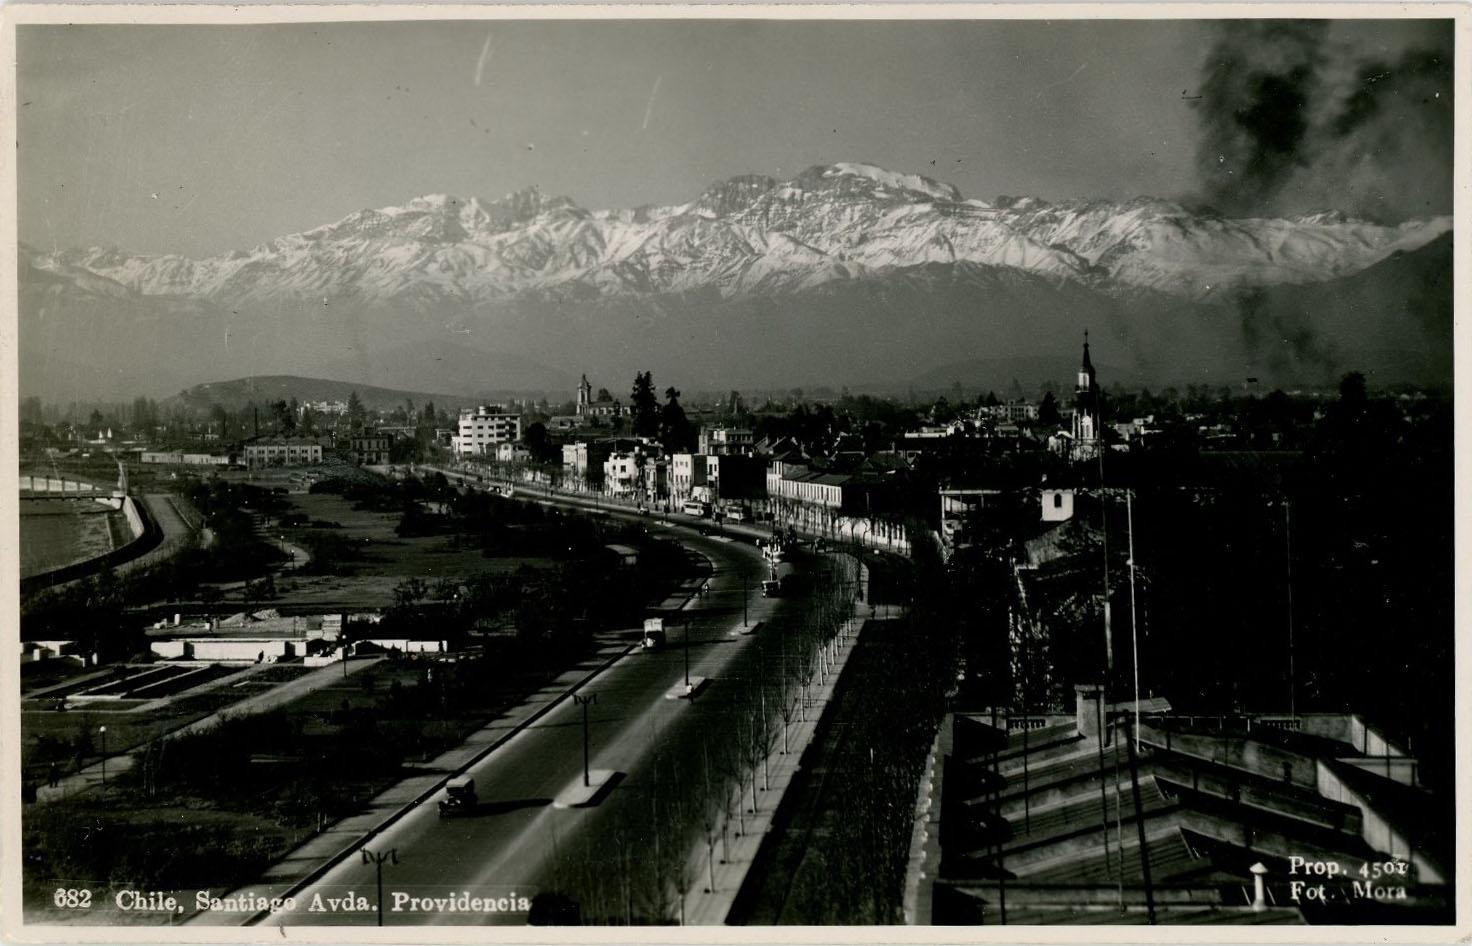 Enterreno - Fotos históricas de chile - fotos antiguas de Chile - Providencia en 1945